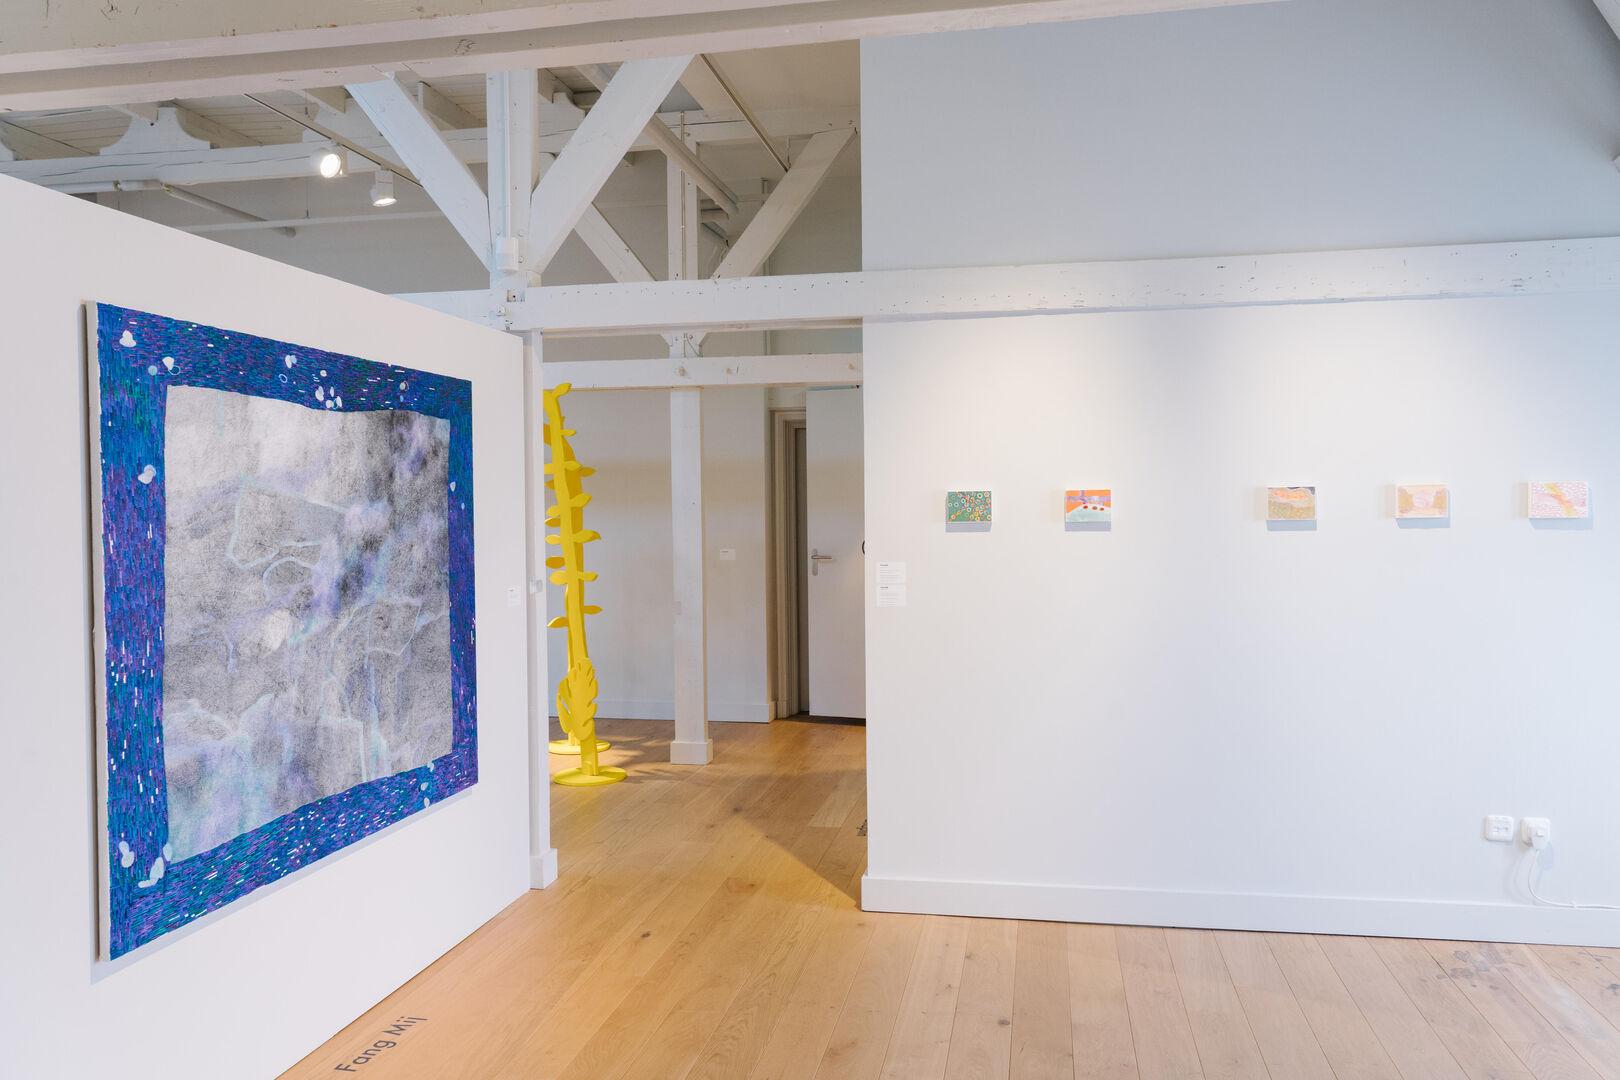 Museum Jan Cunen_opening_3oktober2020_Fotograaf_Almicheal_Fraay-7